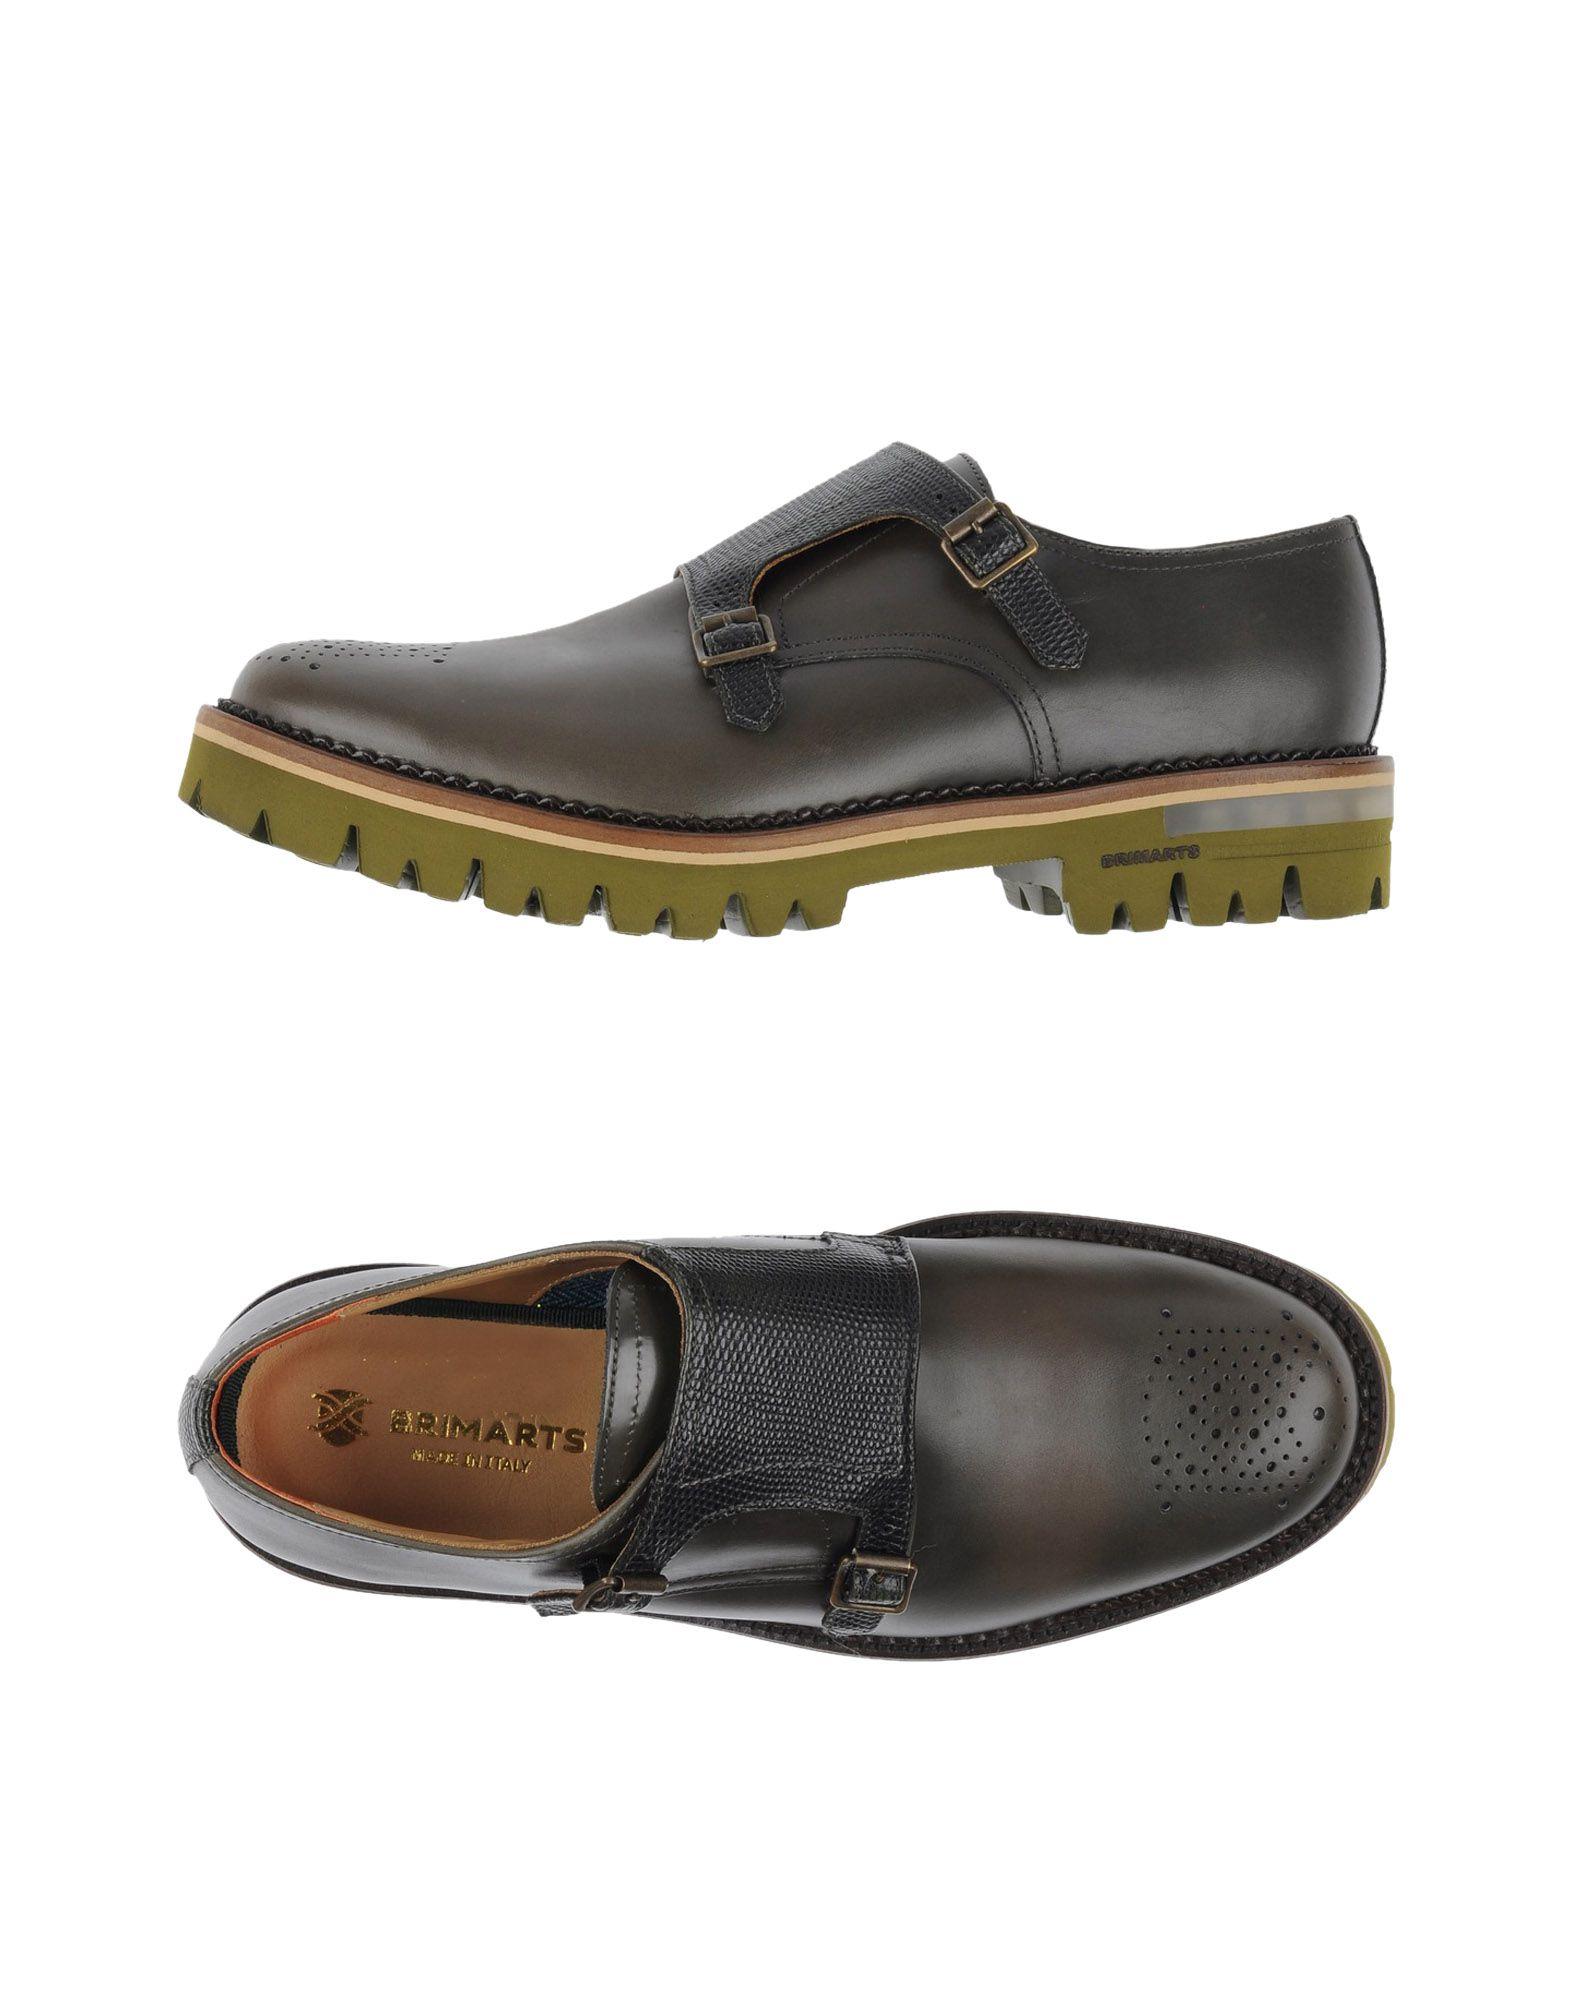 Rabatt Brimarts echte Schuhe Brimarts Rabatt Mokassins Herren  11279833GH 558ea3